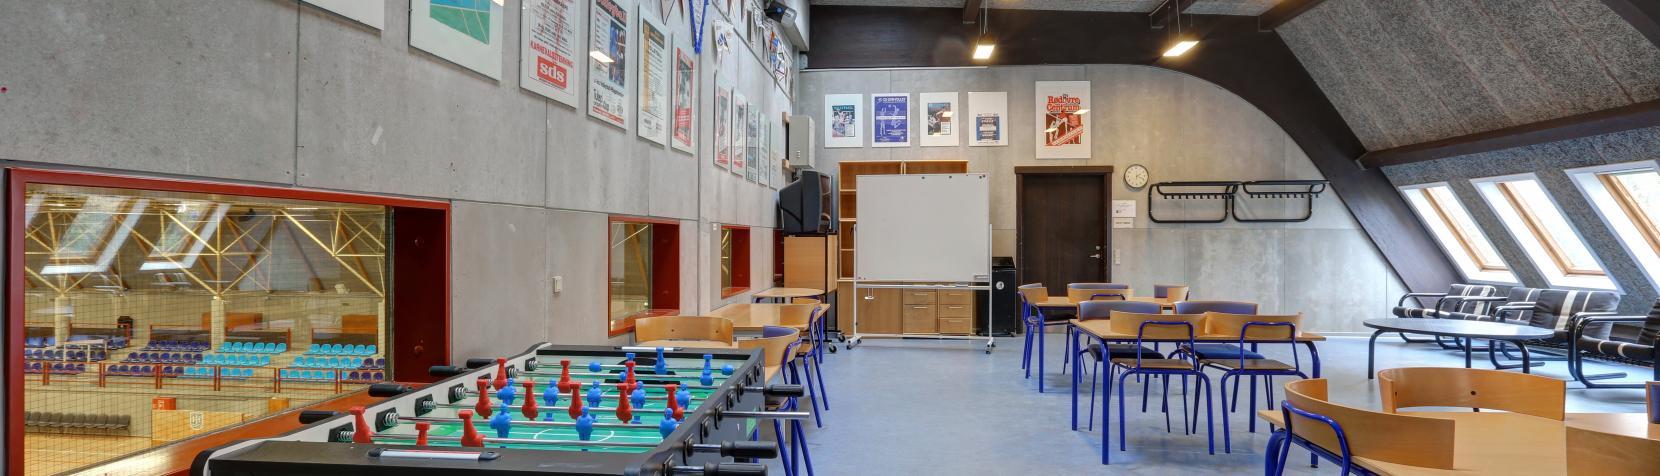 Foto: Fælleslokale i hal 2